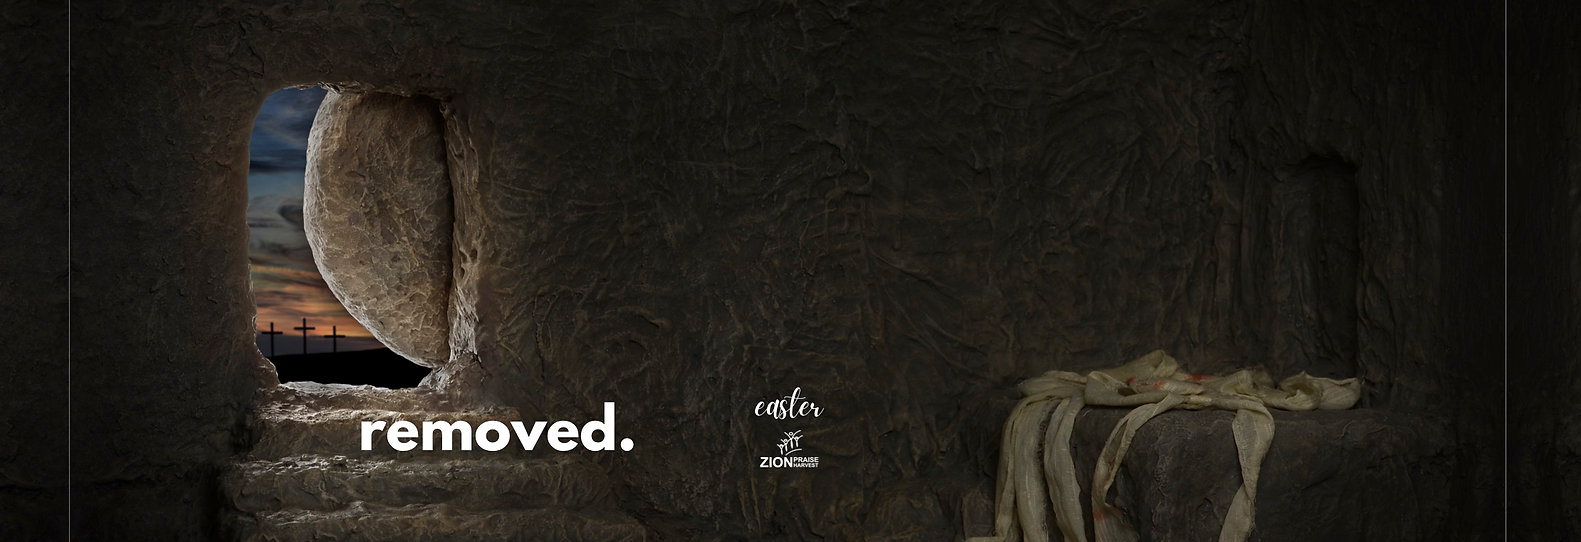 Website - Easter Removed 2021 A.jpg